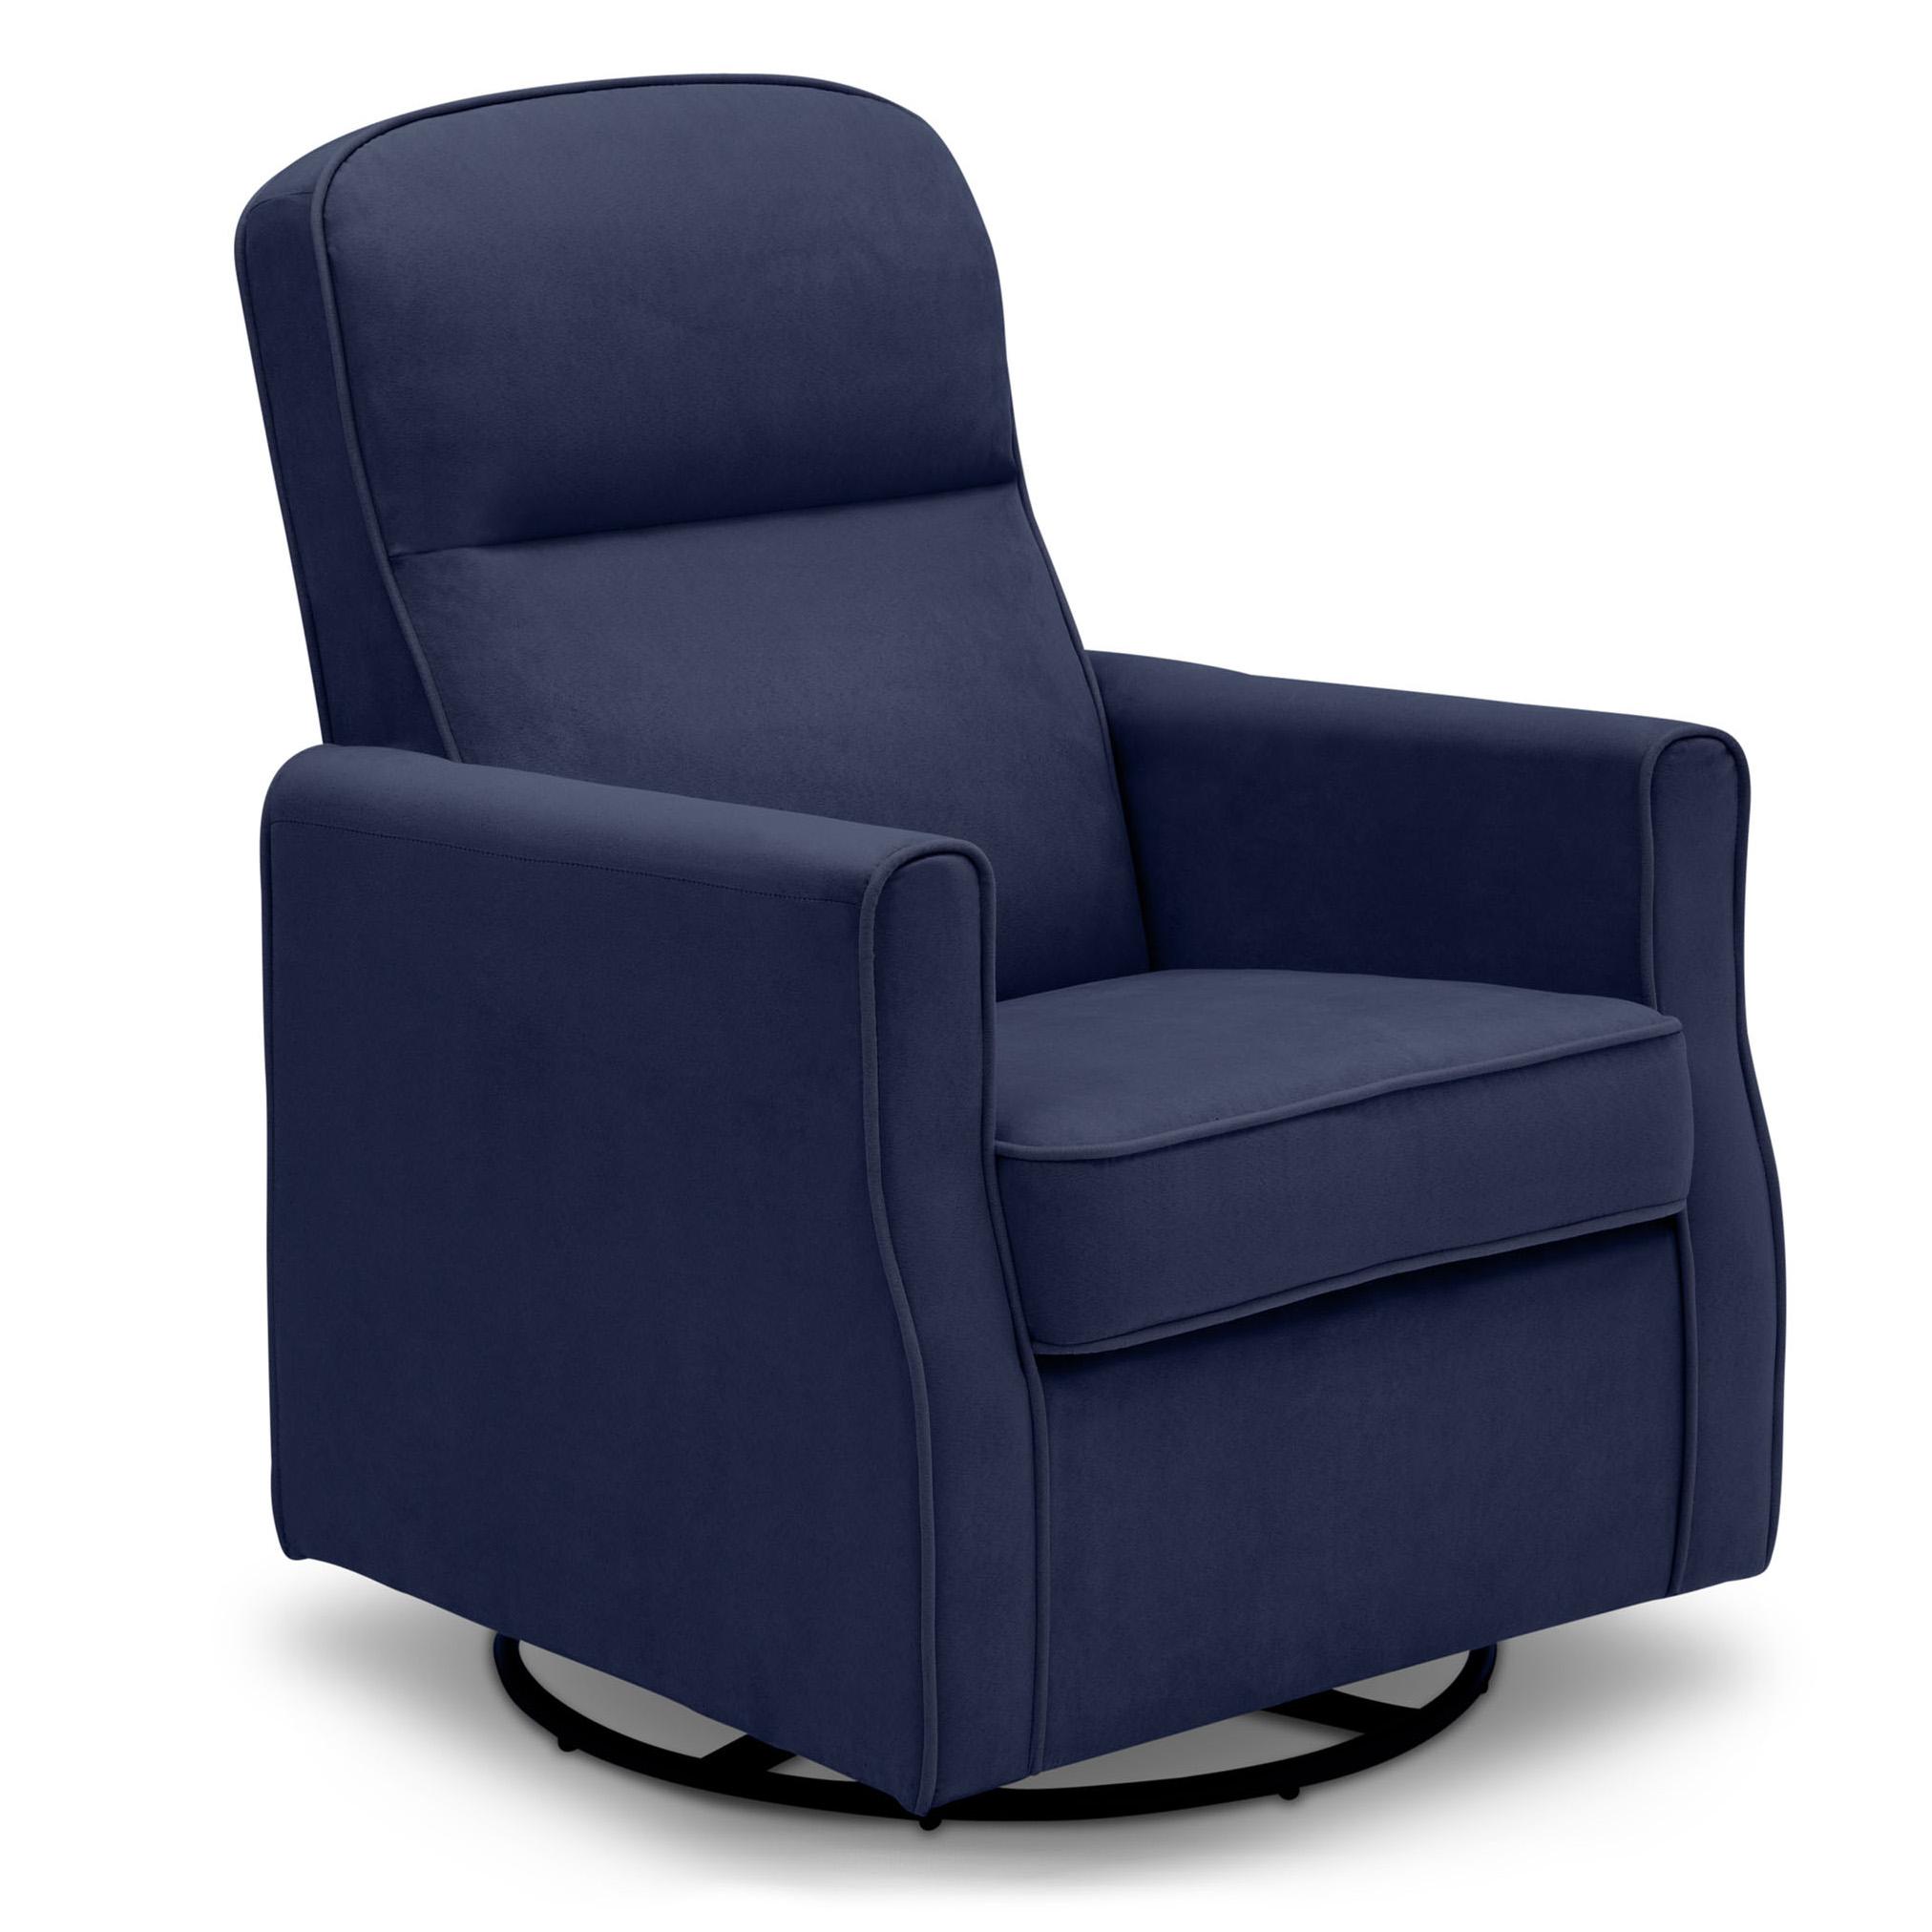 Delta Furniture Clair SLIM Nursery Glider Swivel Rocker Chair